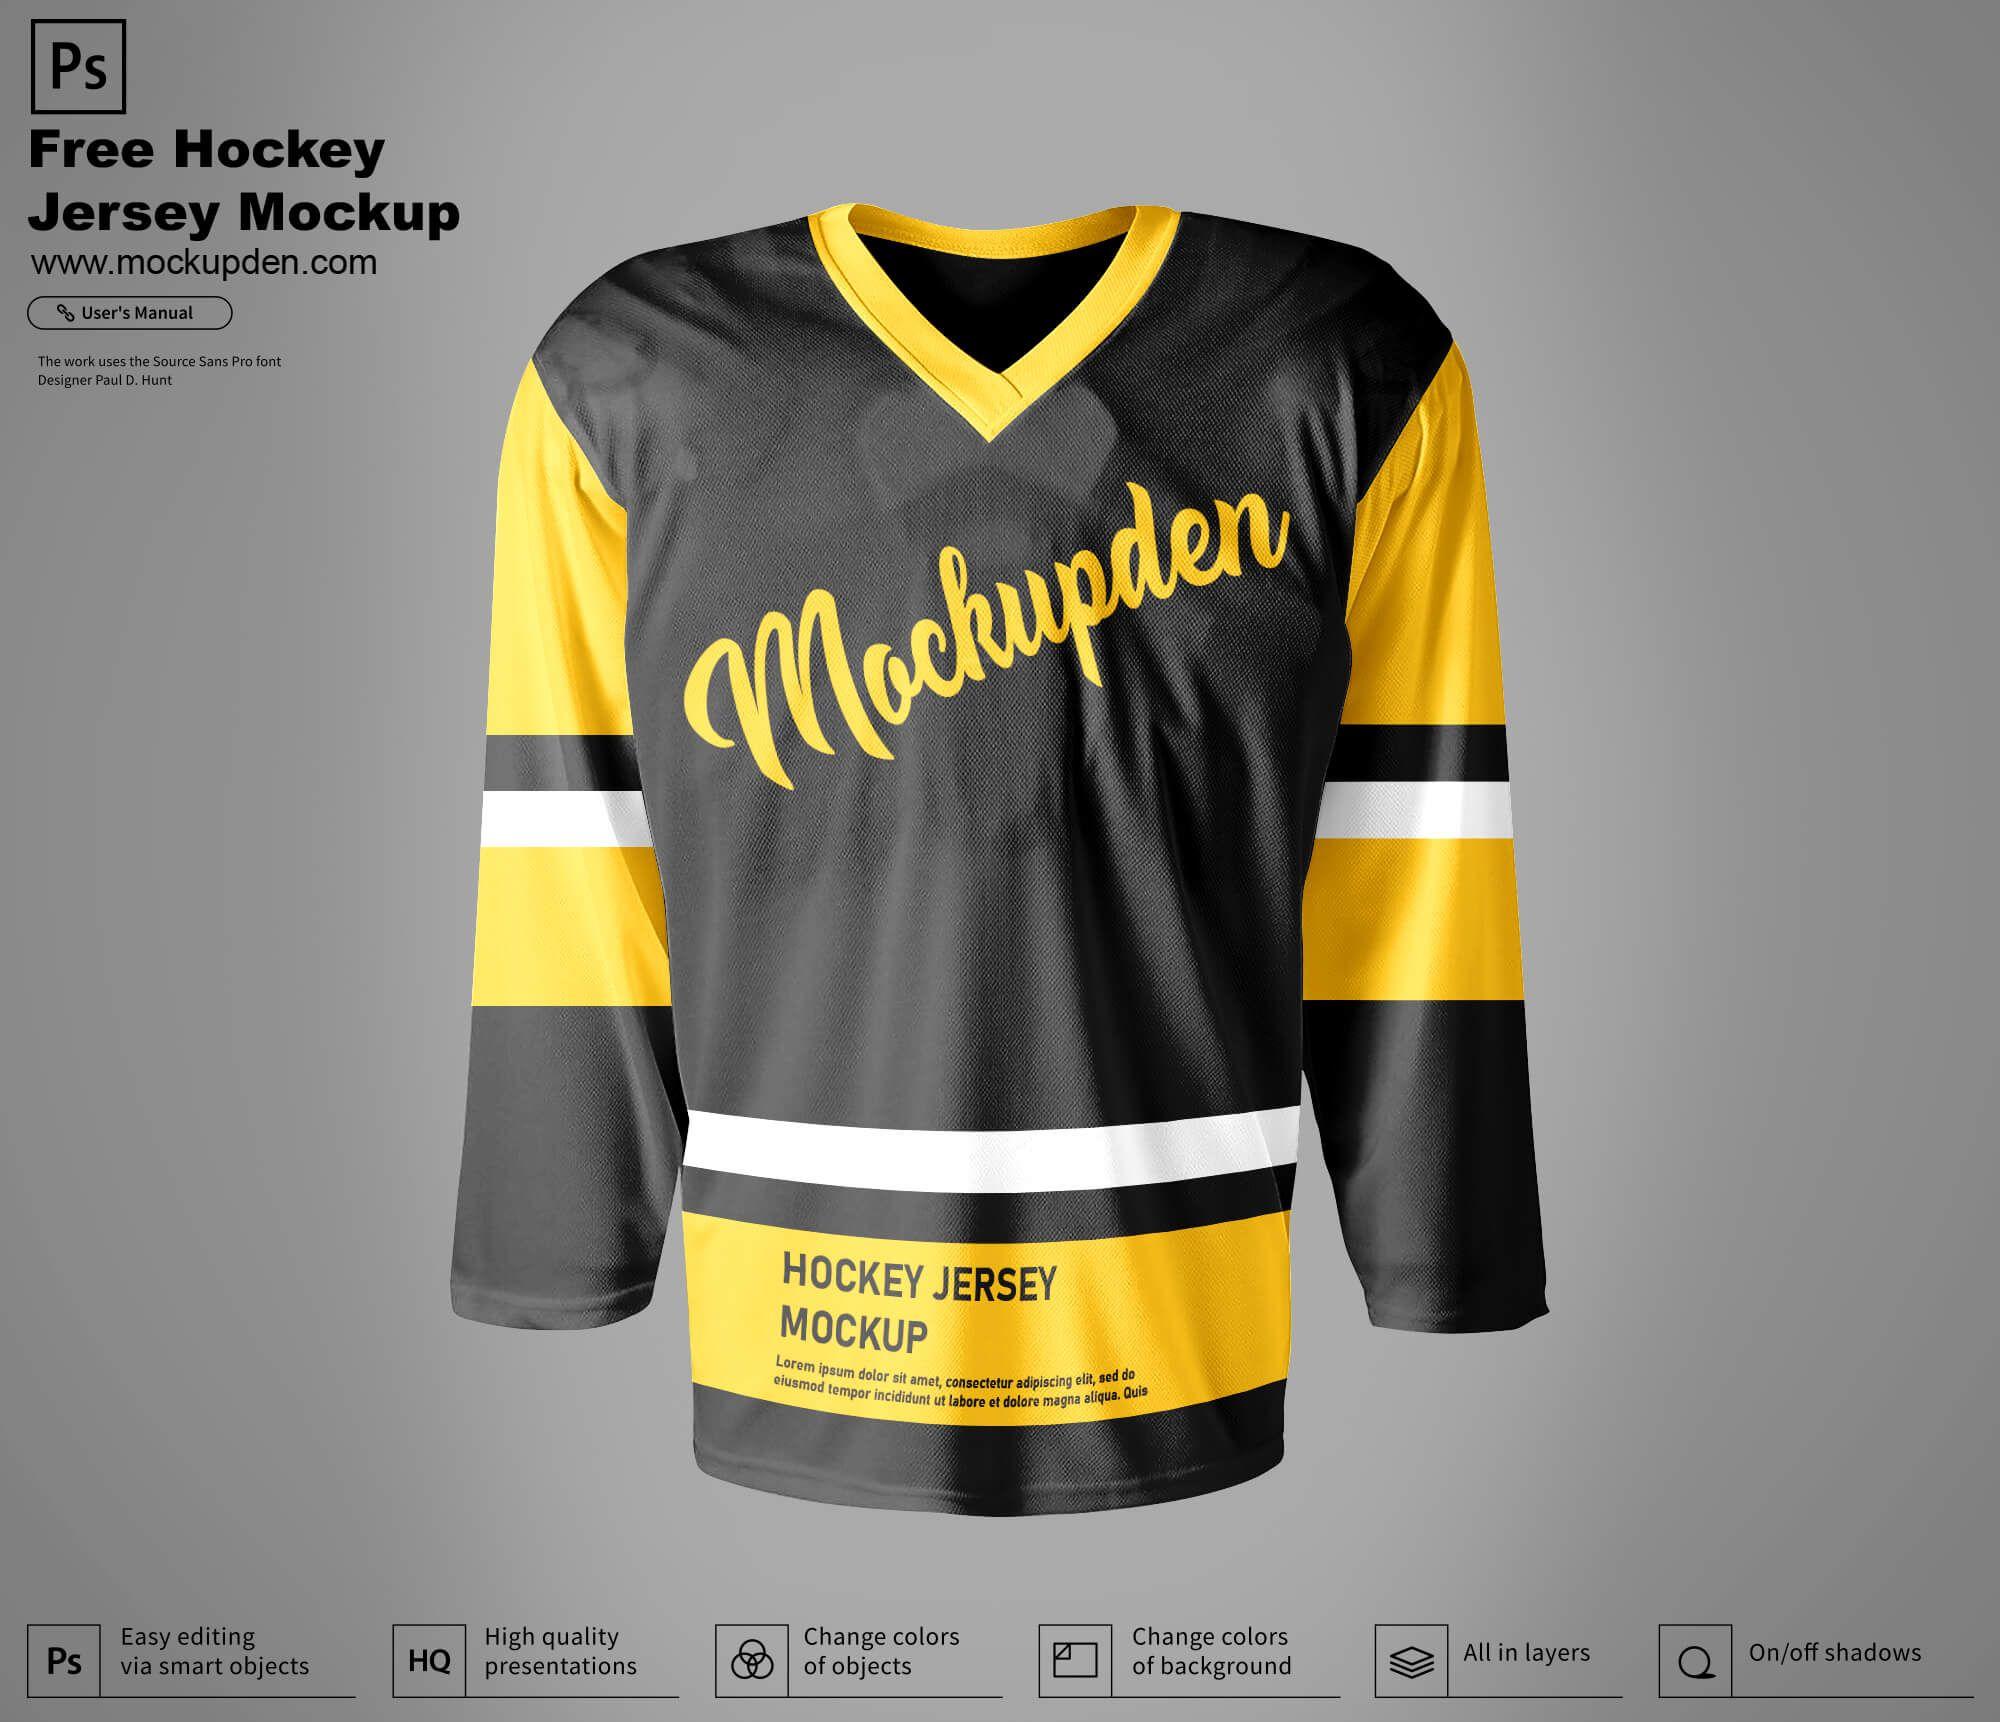 Free Hockey Jersey Mockup Psd Template Mockup Psd Hockey Jersey Clothing Mockup